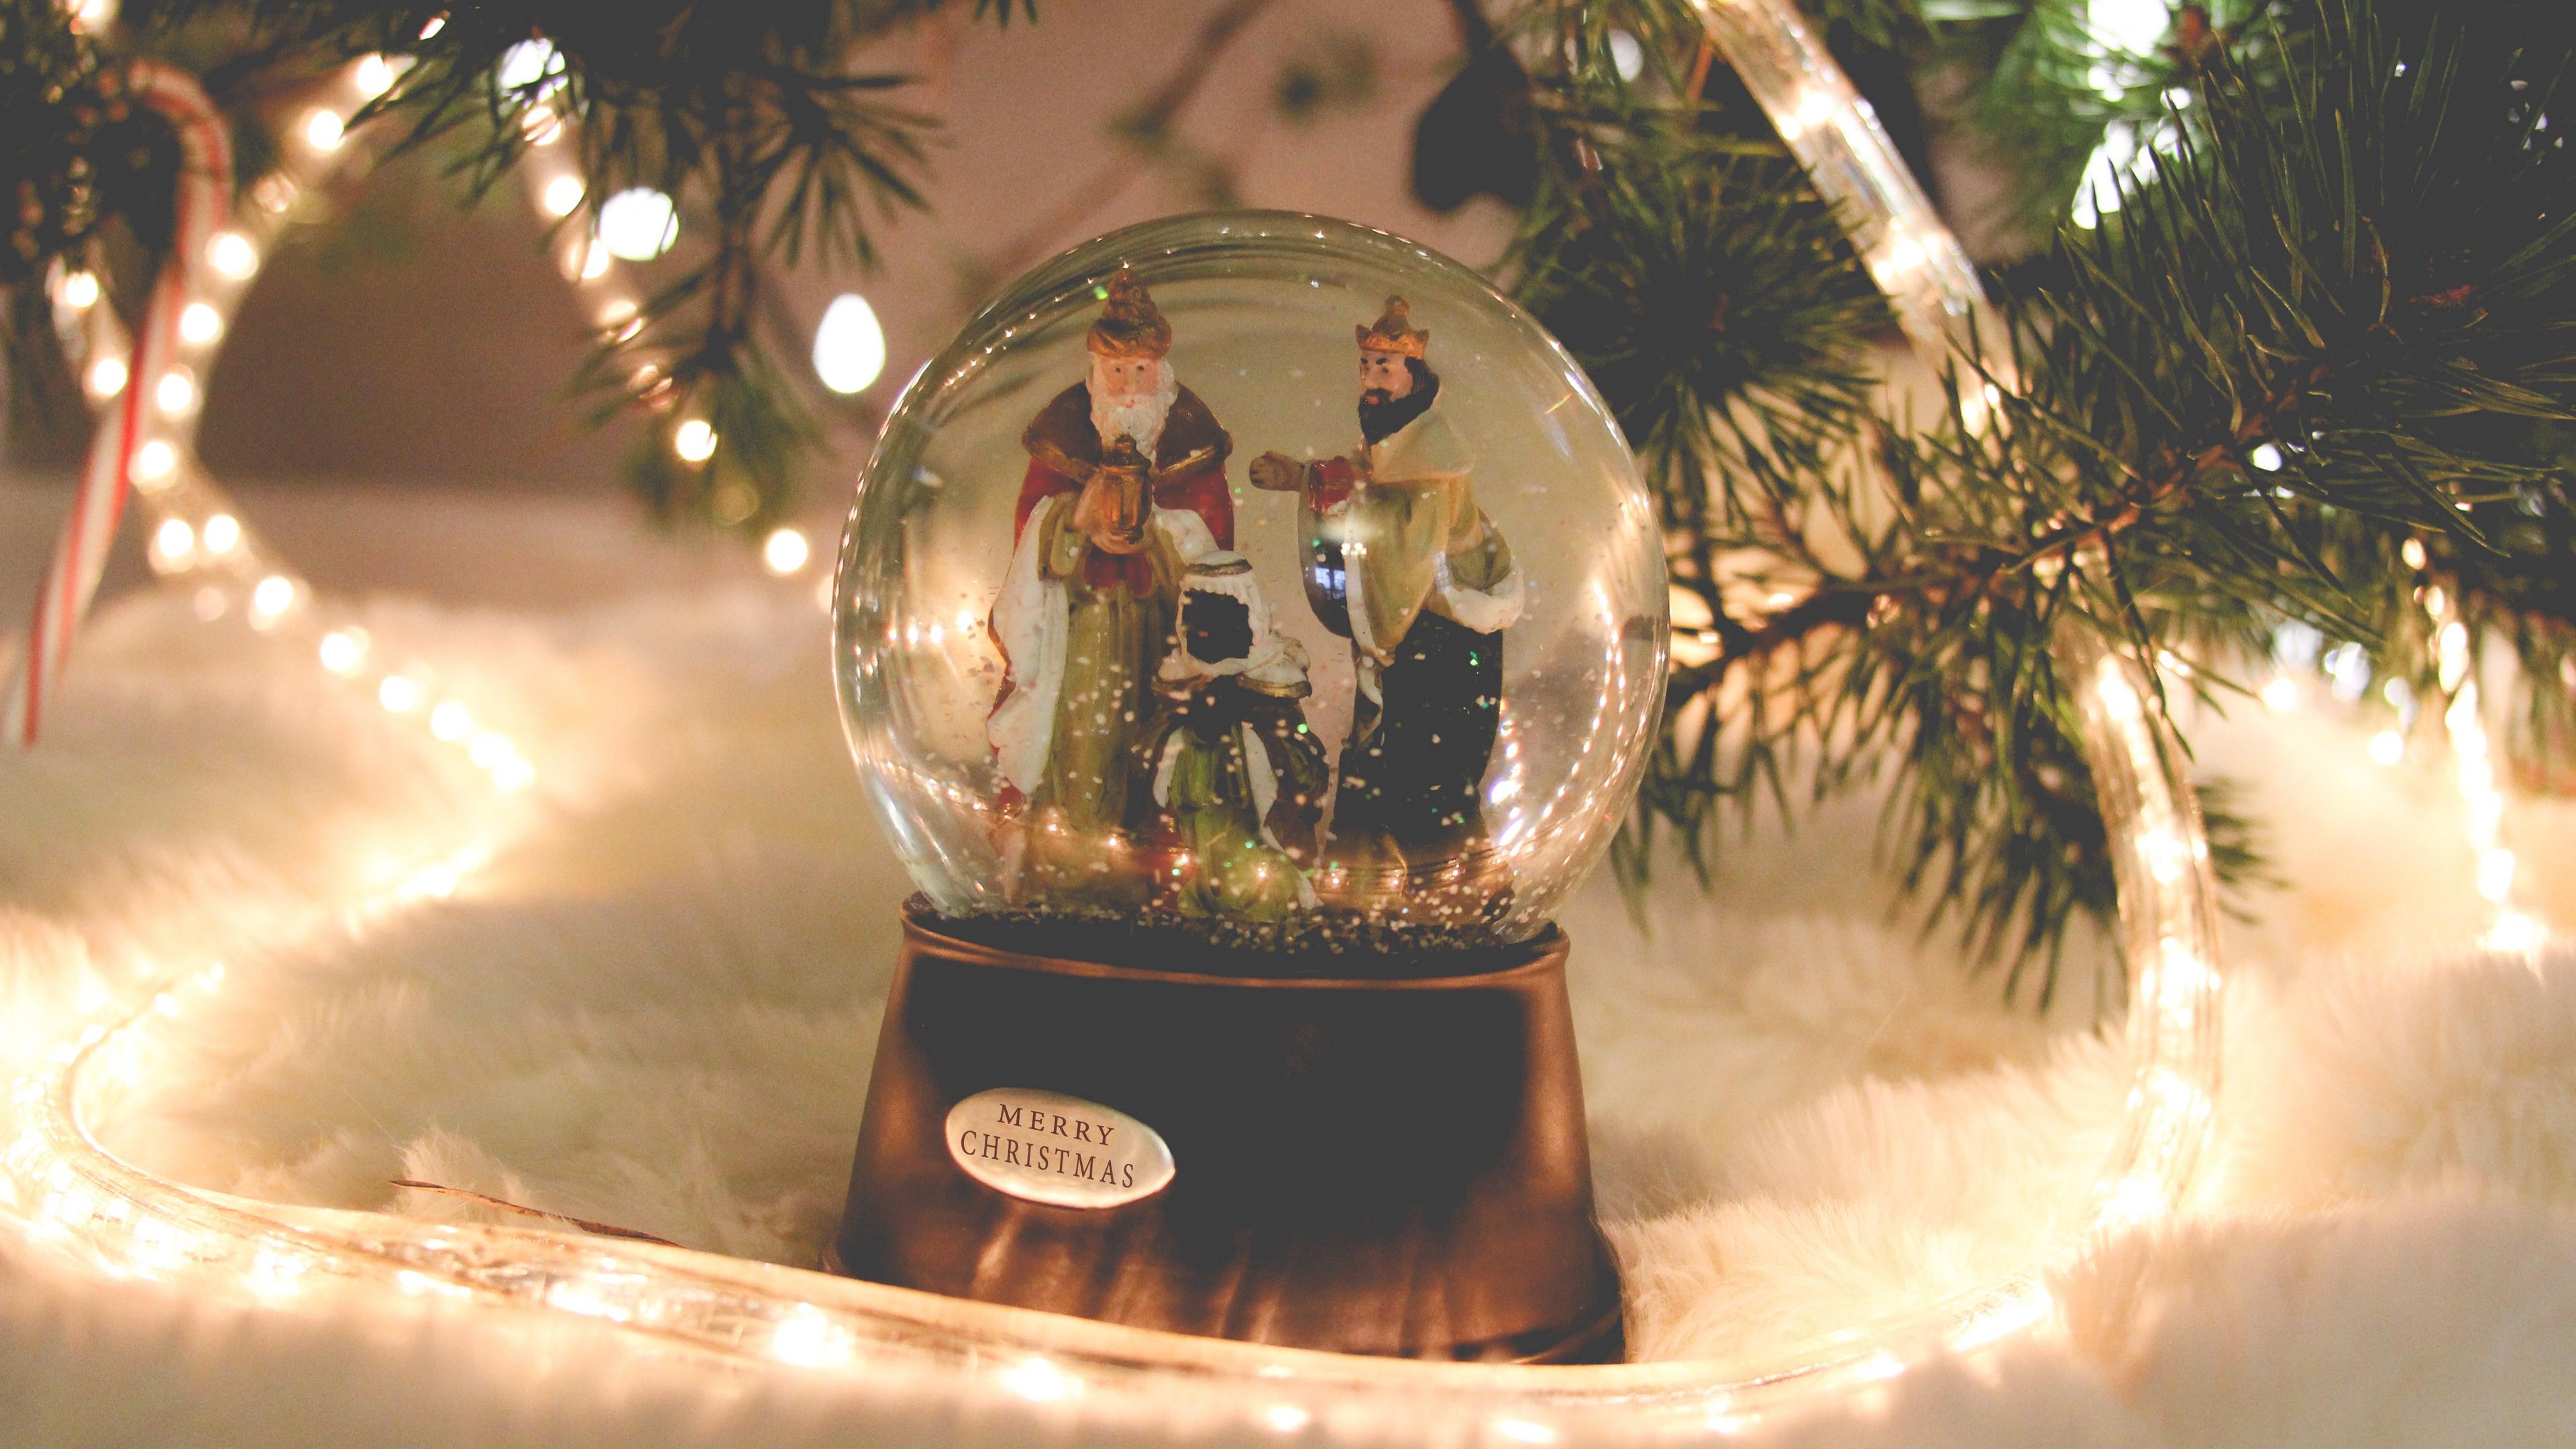 ball christmas new year santa claus 4k 1538345160 - ball, christmas, new year, santa claus 4k - new year, Christmas, Ball